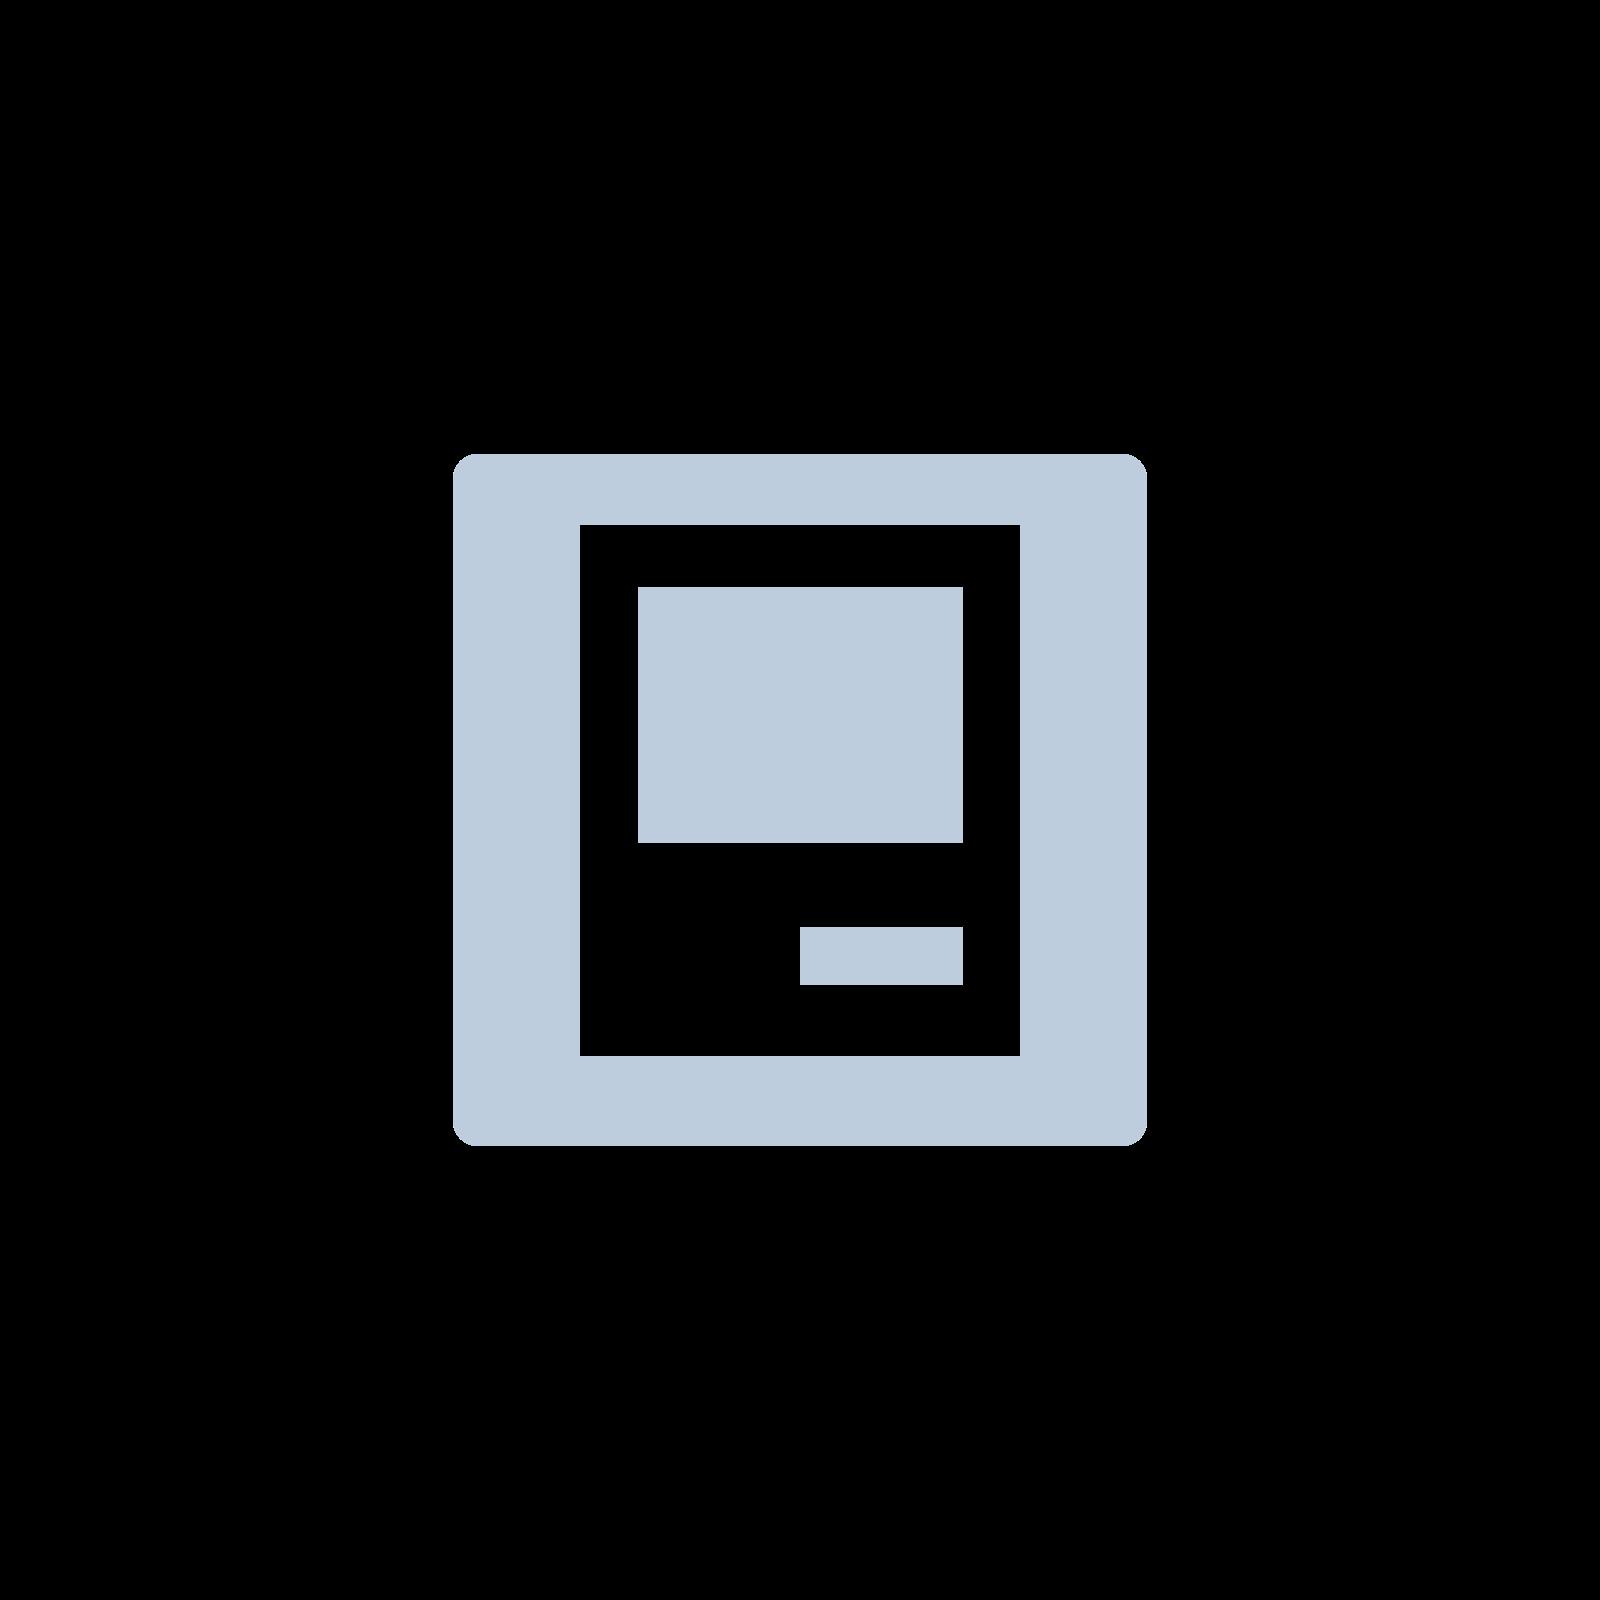 Schutzfolie (2 Stk.) Panzerglas Premium Stärke 9H für iPhone X / XS / 11 Pro